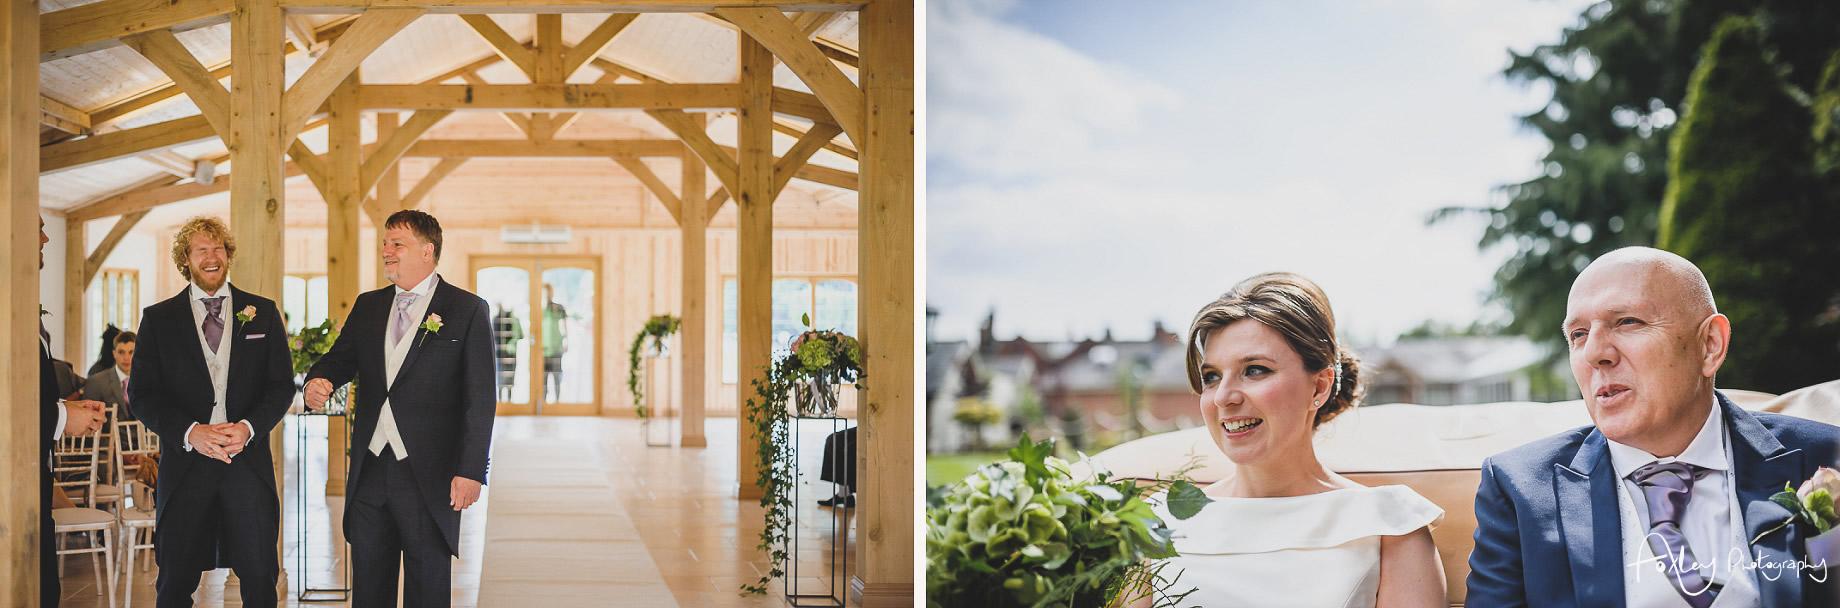 Simona-and-Robert-Wedding-at-Colshaw-Hall-096